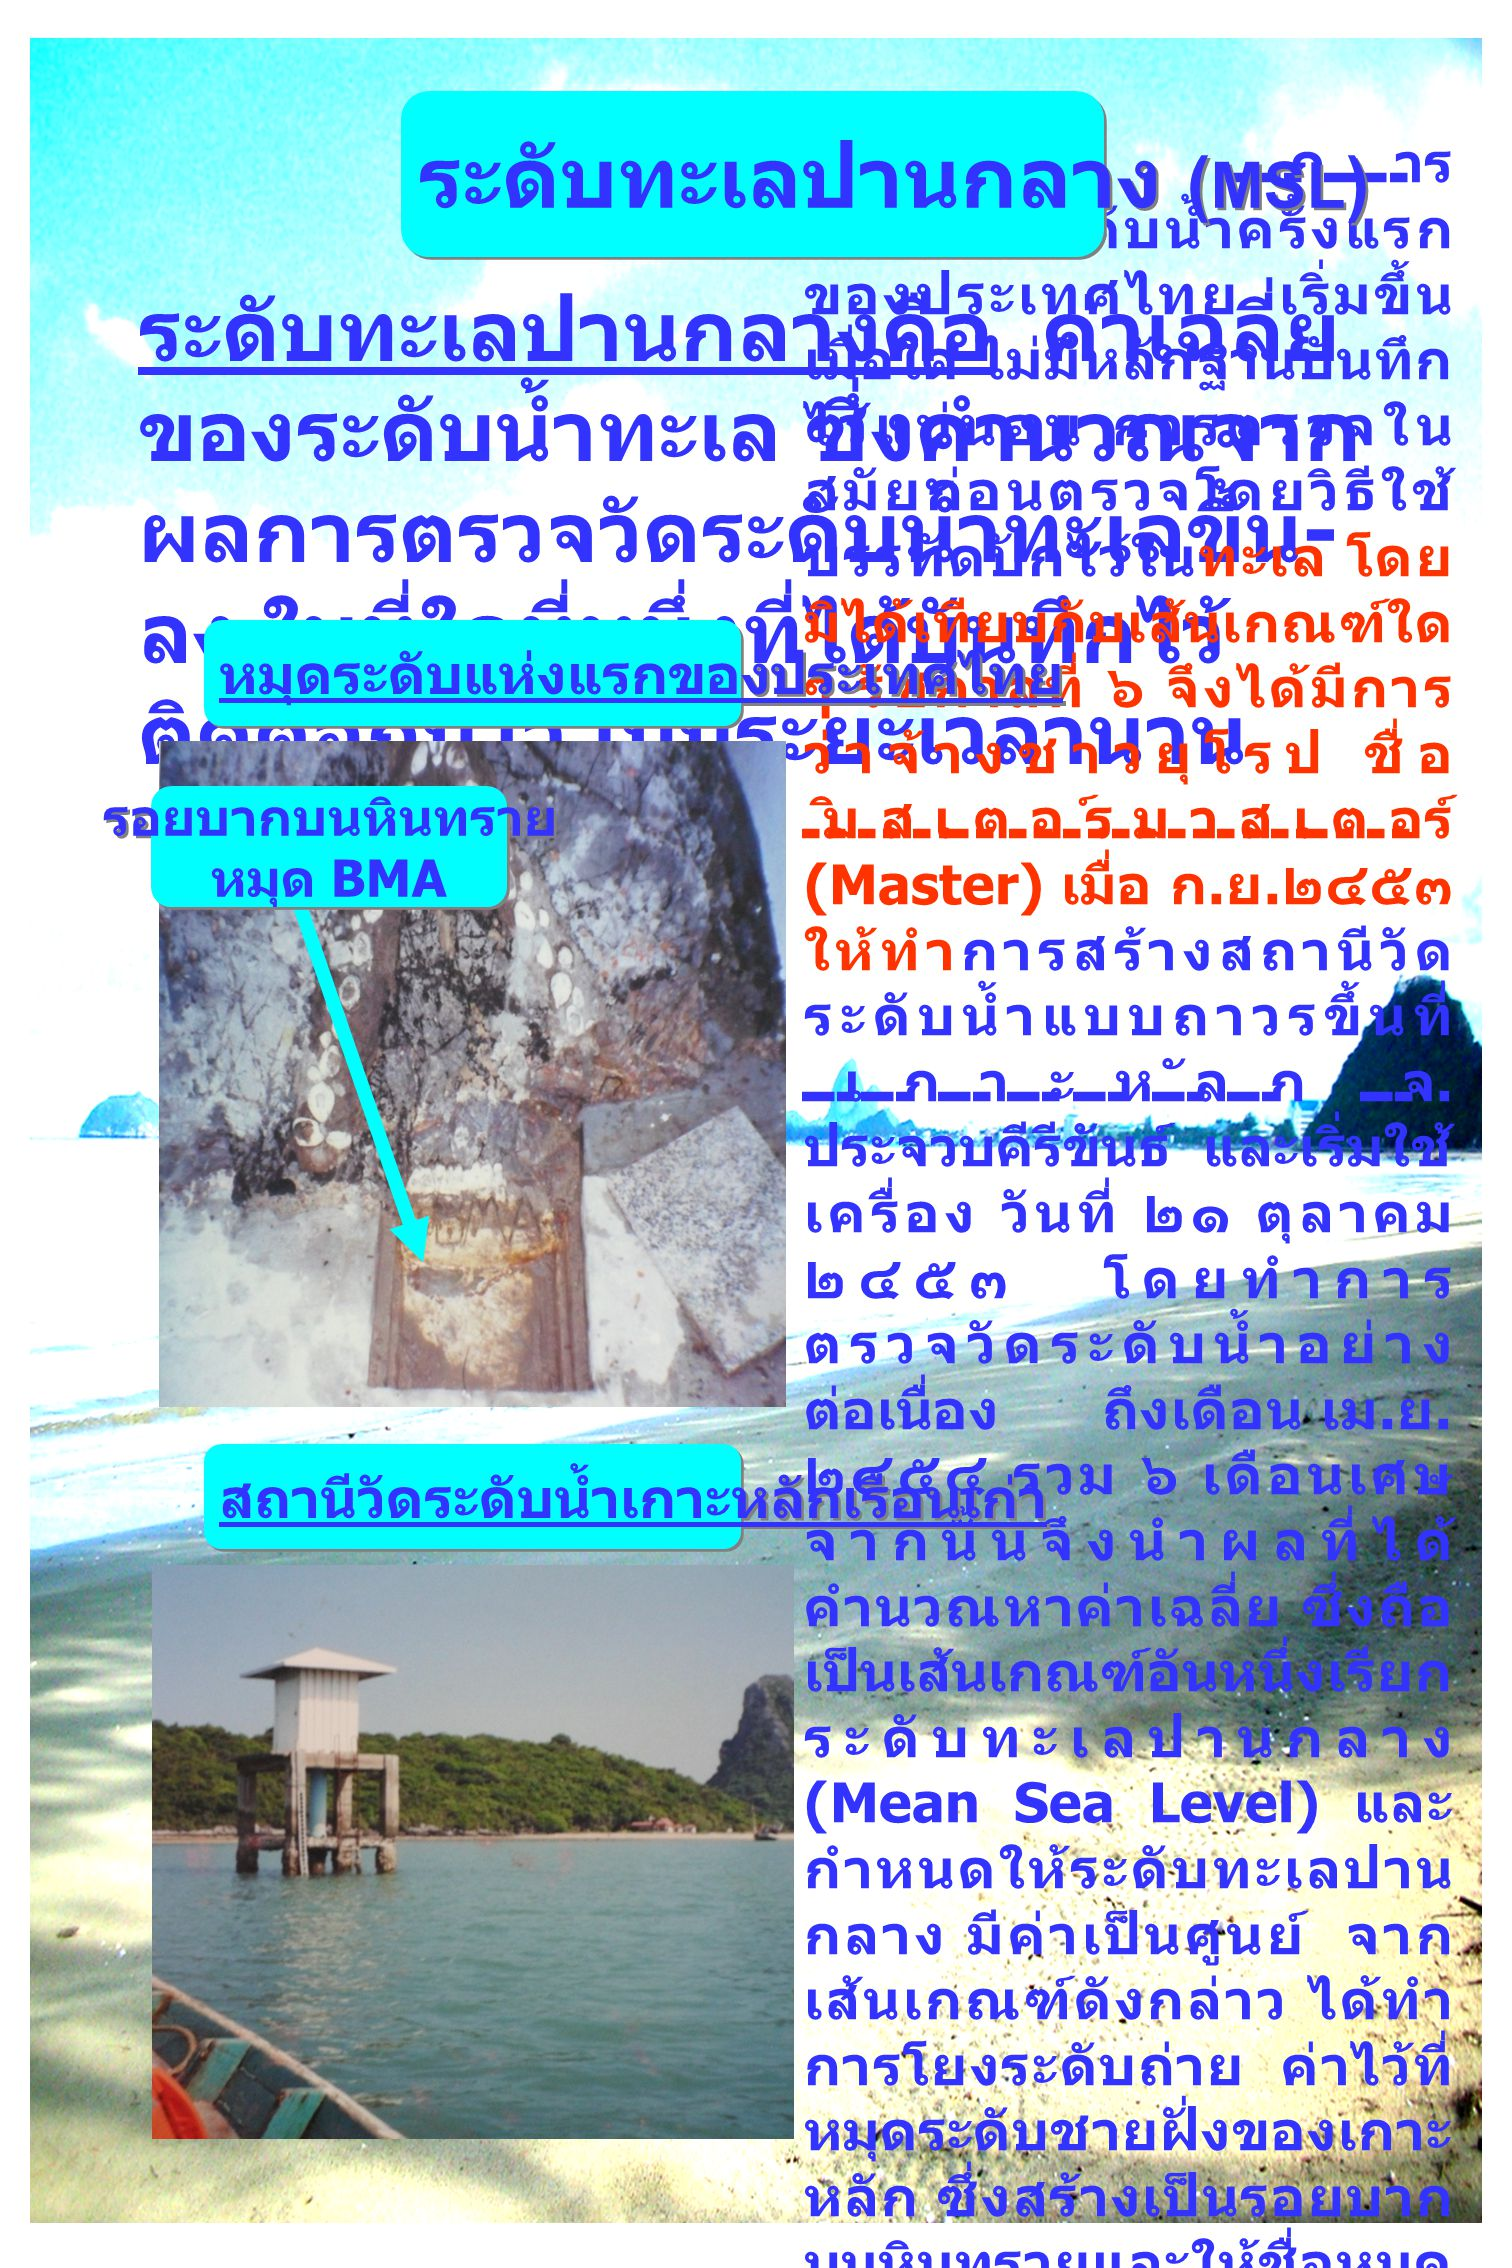 ระดับทะเลปานกลางคือ ค่าเฉลี่ย ของระดับน้ำทะเล ซึ่งคำนวณจาก ผลการตรวจวัดระดับน้ำทะเลขึ้น - ลง ในที่ใดที่หนึ่งที่ได้บันทึกไว้ ติดต่อกันไว้ เป็นระยะเวลานาน การ ตรวจวัดระดับน้ำครั้งแรก ของประเทศไทย เริ่มขึ้น เมื่อใด ไม่มีหลักฐานบันทึก ไว้แน่นอน การตรวจใน สมัยก่อนตรวจโดยวิธีใช้ บรรทัดปักไว้ในทะเล โดย มิได้เทียบกับเส้นเกณฑ์ใด ๆ รัชกาลที่ ๖ จึงได้มีการ ว่าจ้างชาวยุโรป ชื่อ มิสเตอร์มาสเตอร์ (Master) เมื่อ ก.